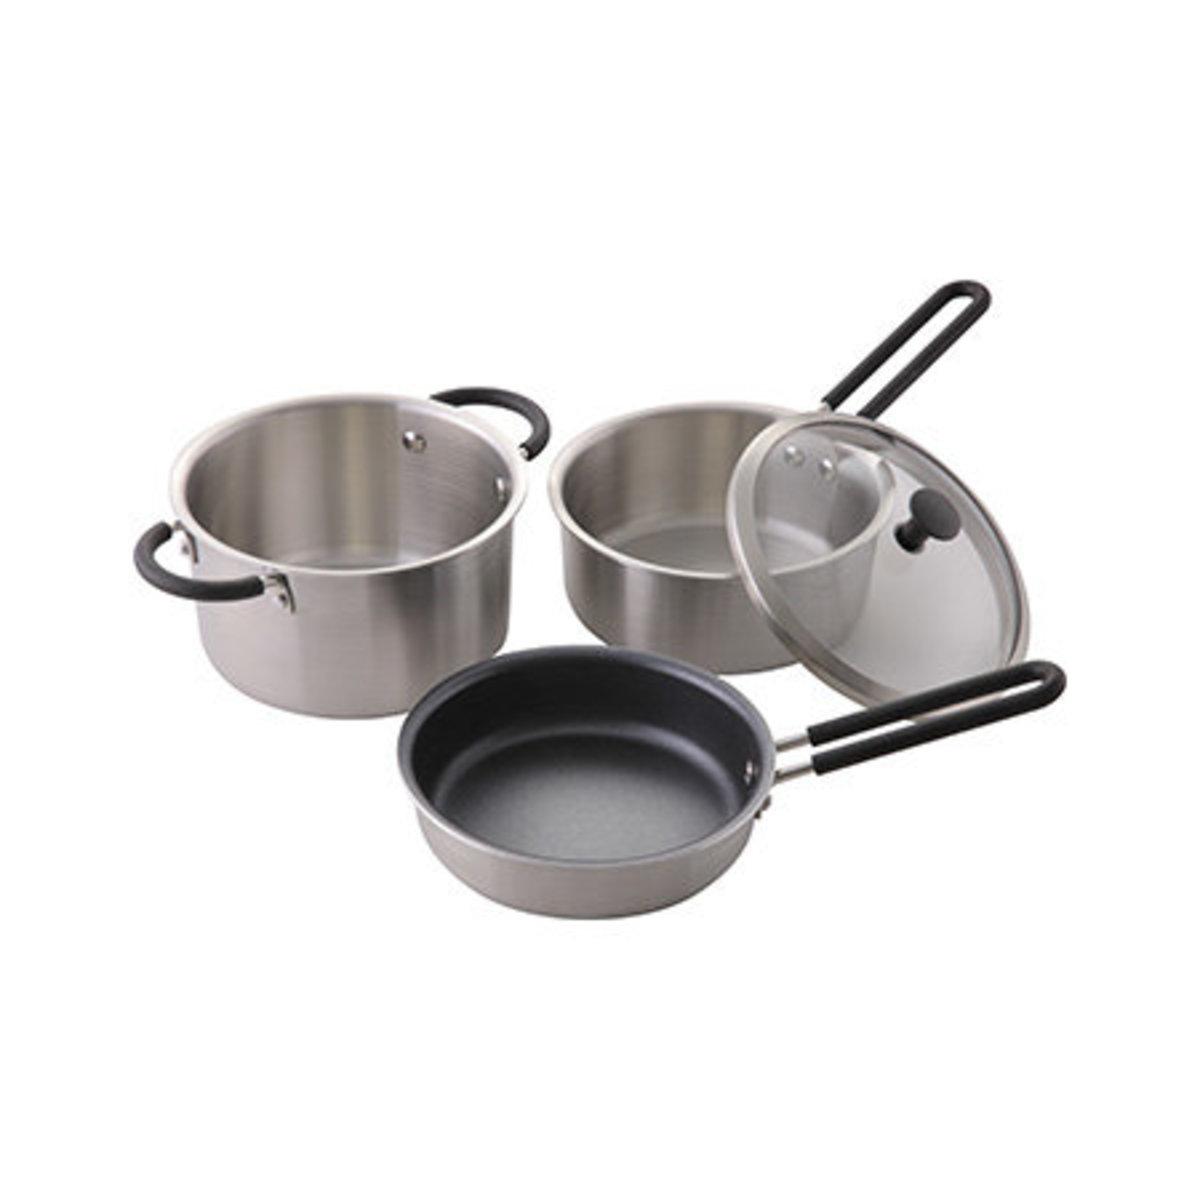 O.E.C 廚具3件套裝連蓋 15CM